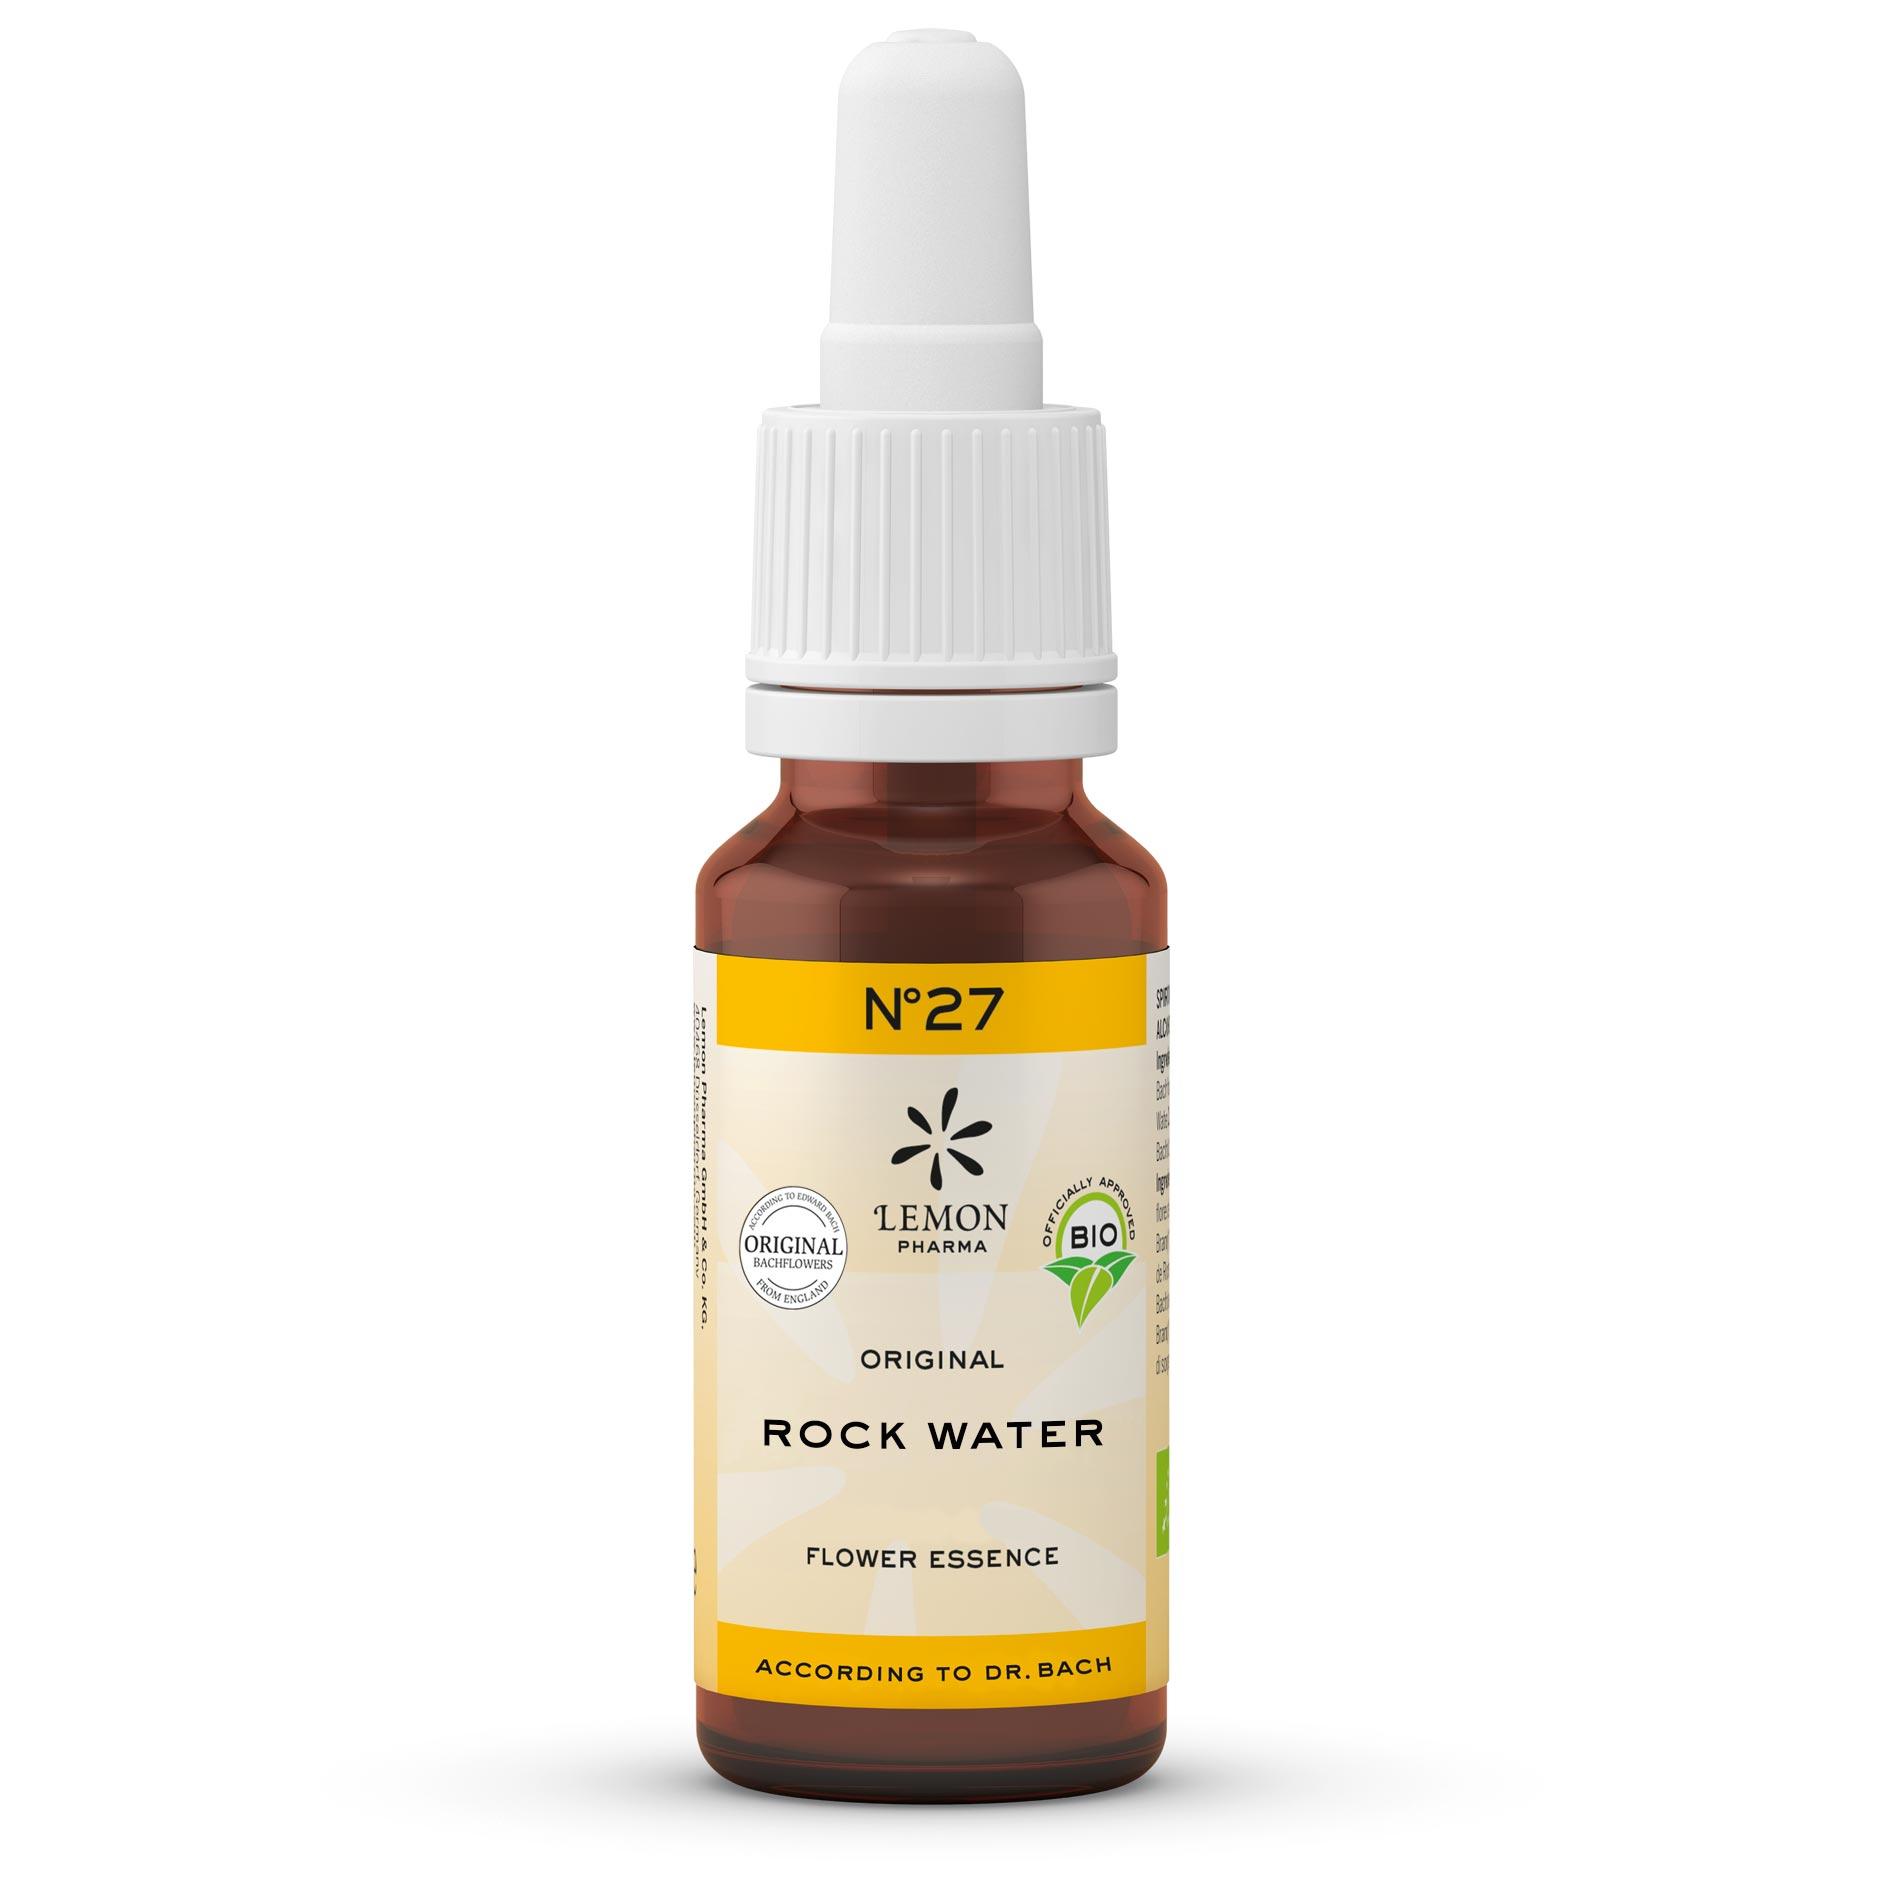 Lemon Pharma Gouttes Fleurs de Bach Original n°27 Rock Water Eau de Roche Légèreté